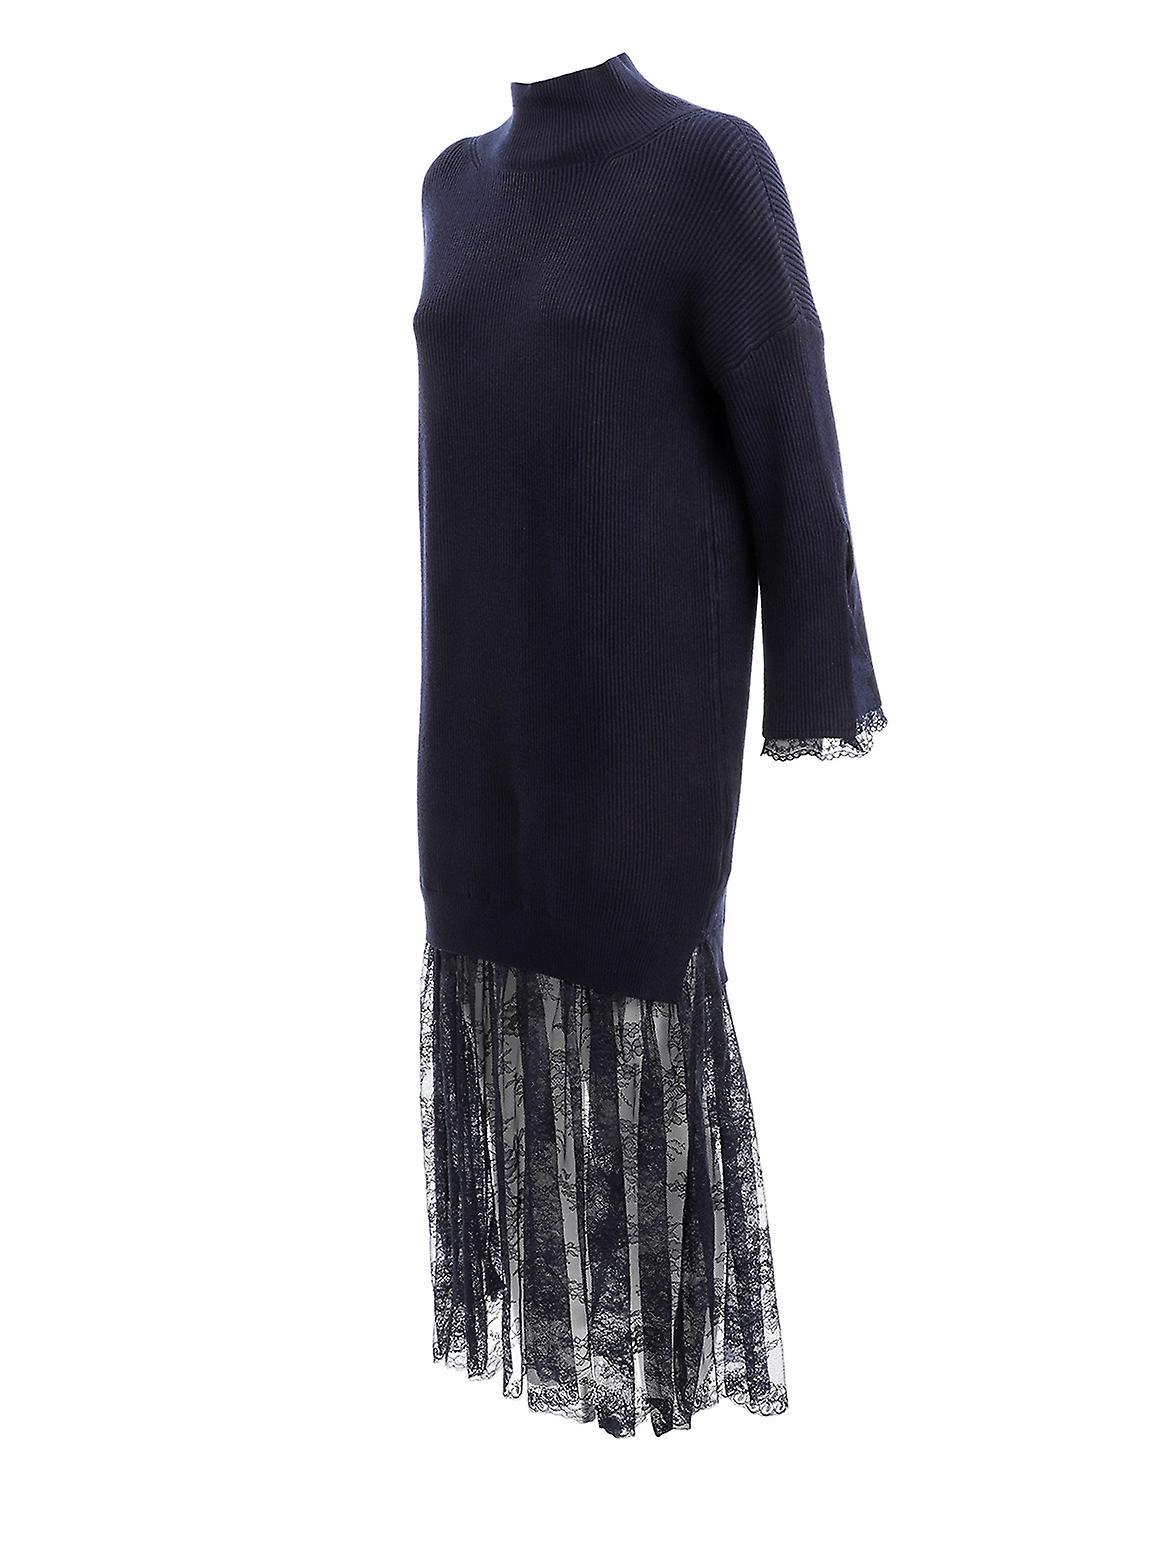 Super Specials Fantastisk pris Ermanno Scervino Ab26vis99 Damen's schwarze Viskose Kleid EDxl4